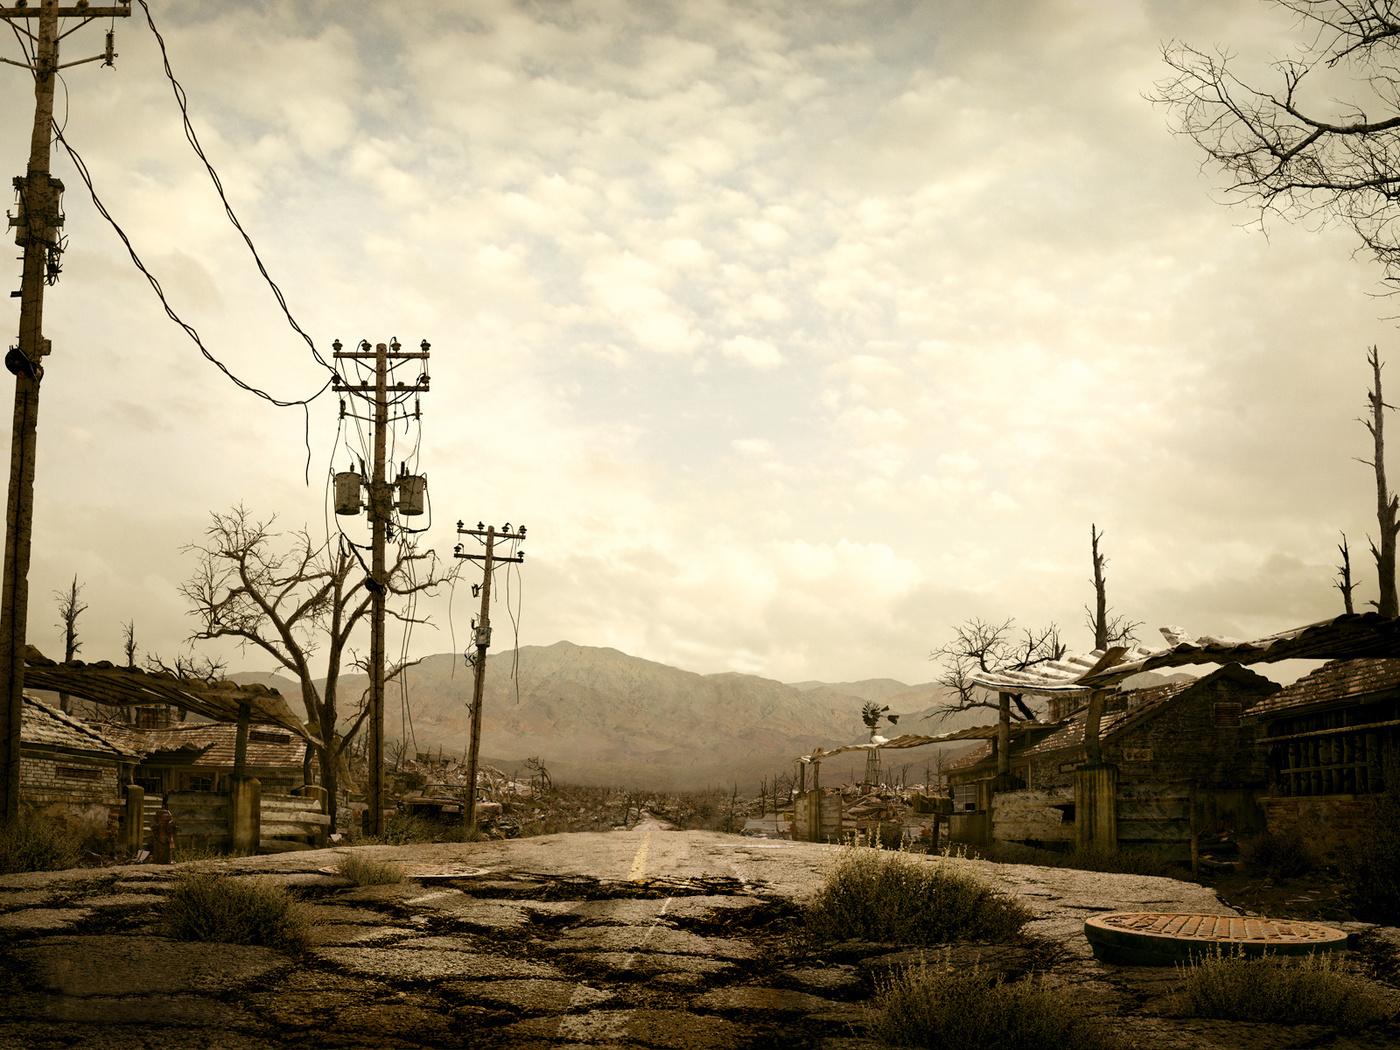 дорога, трава, руины, постапокалипсис, горы, ветряк, дома, столбы, провода, серость, fallout 3